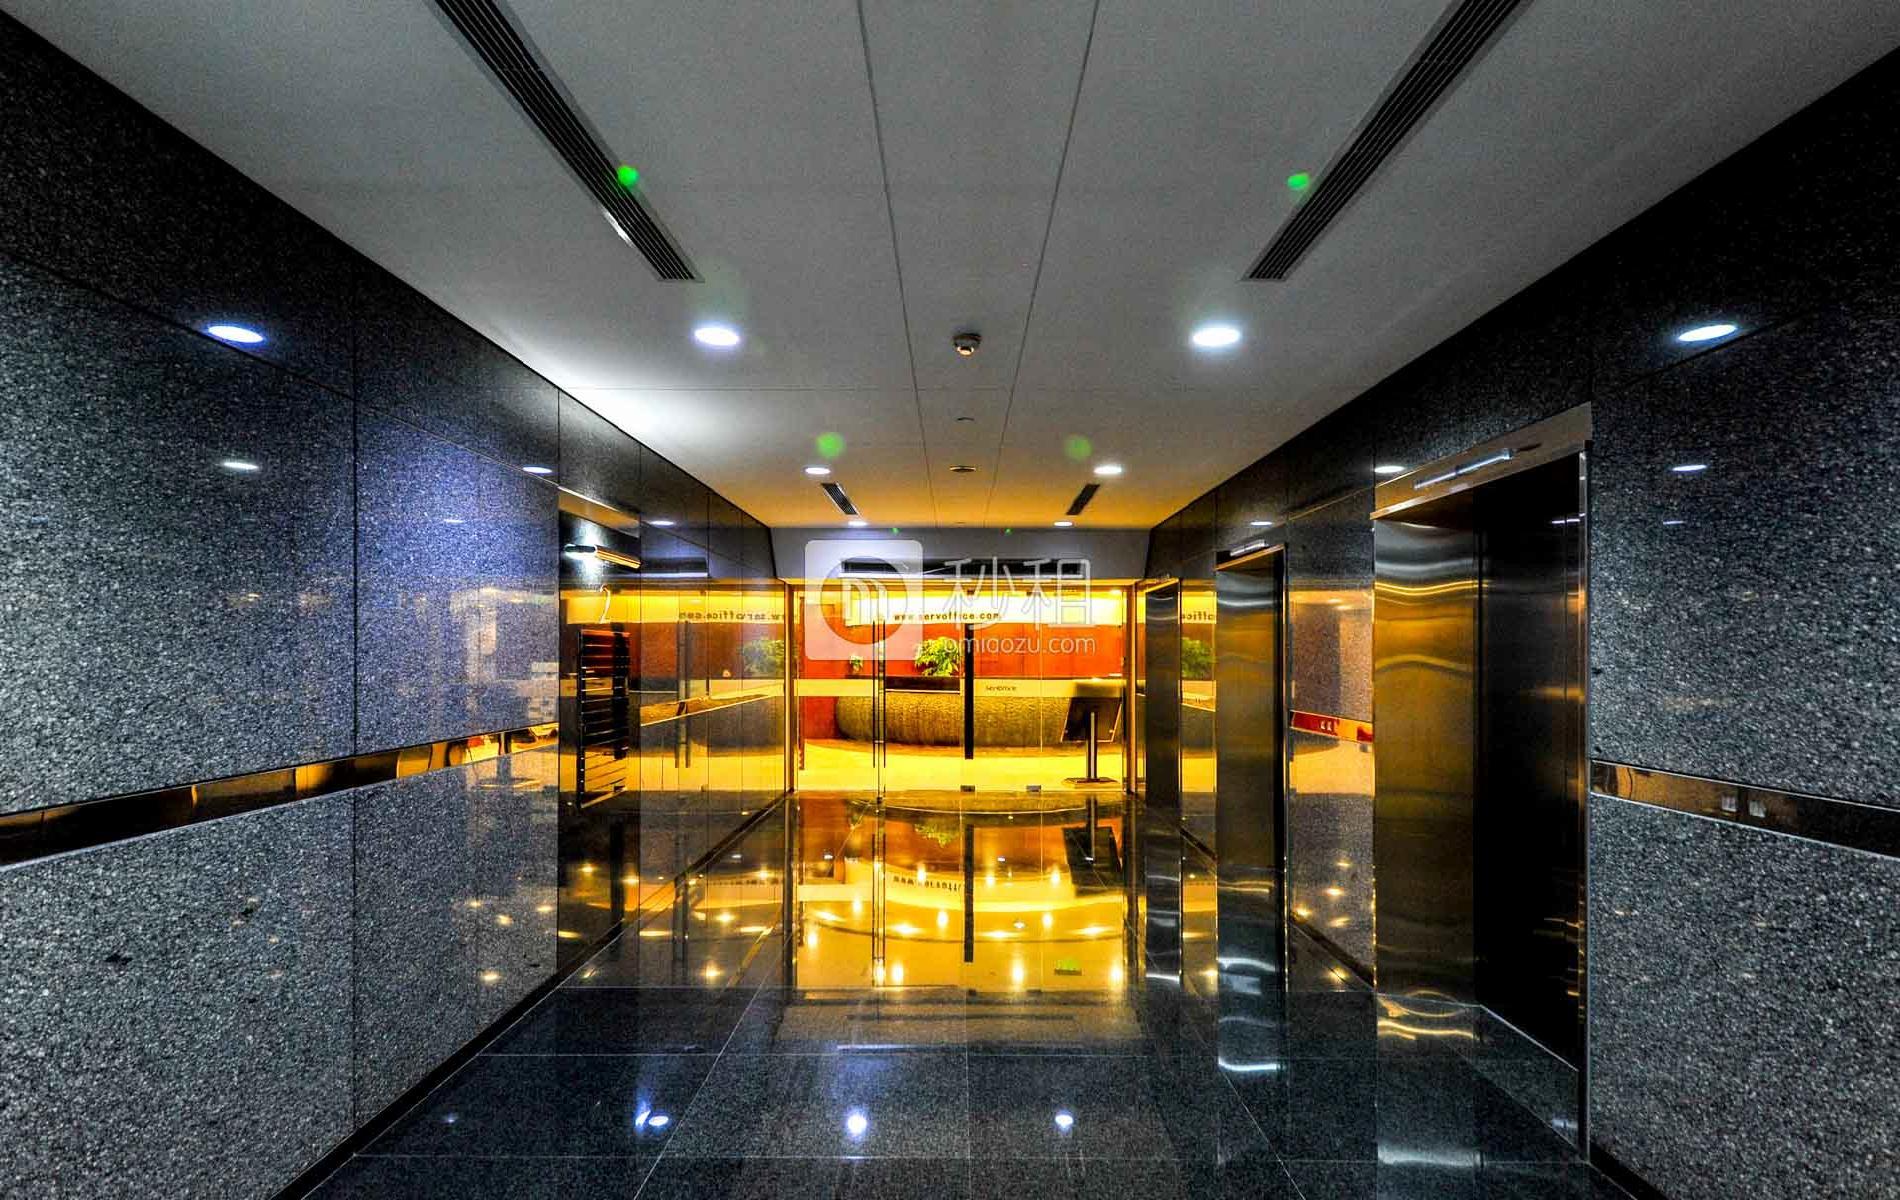 南银大厦写字楼出租/招租/租赁,南银大厦办公室出租/招租/租赁